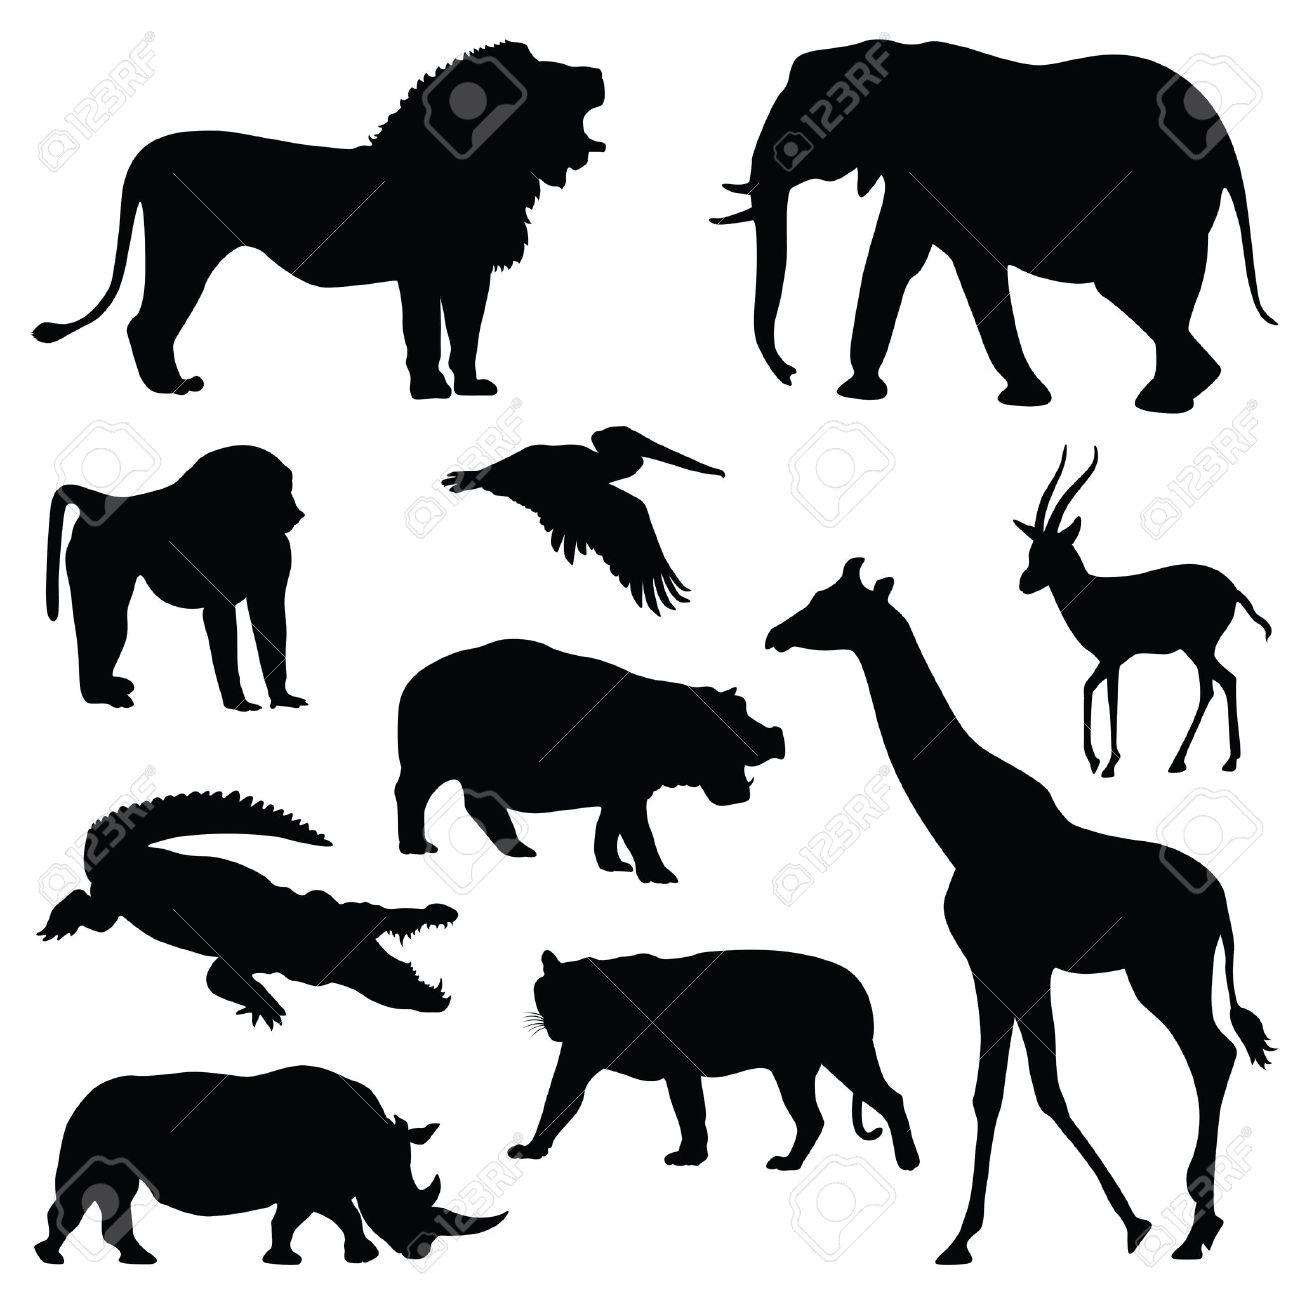 サファリ動物のシルエット イラスト セット ロイヤリティフリー